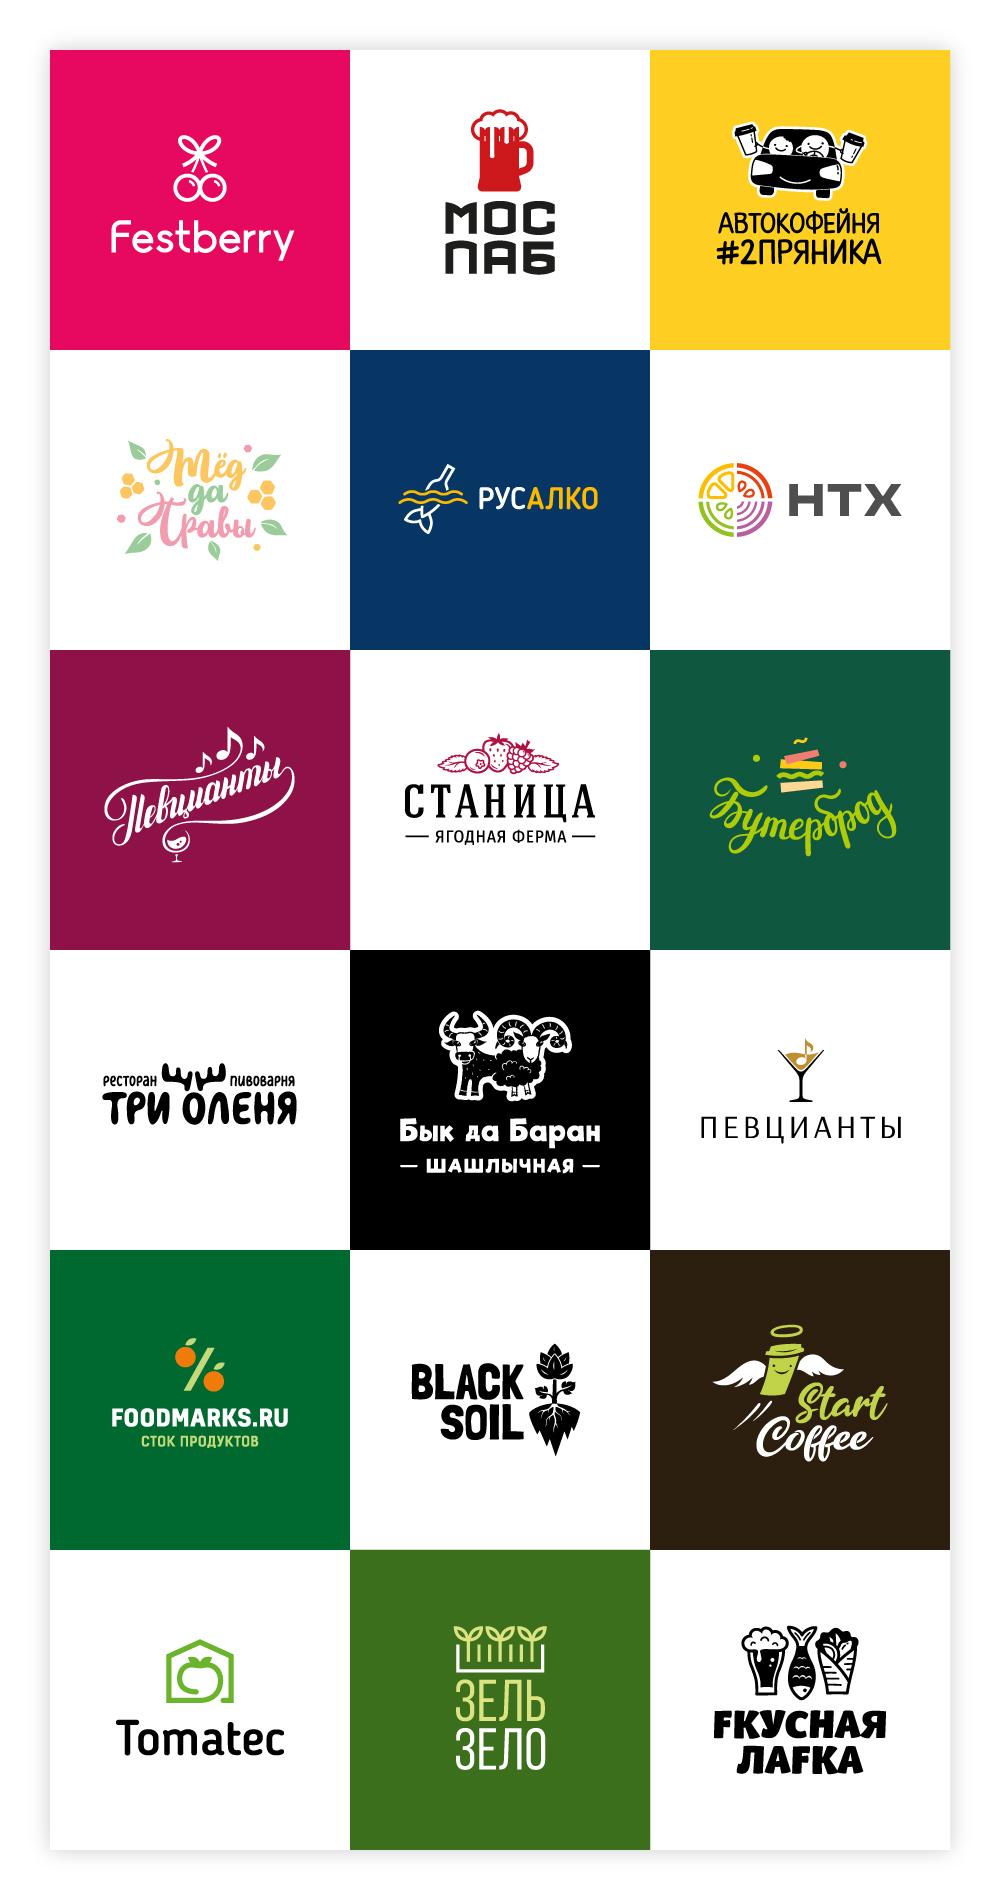 Подборка логотипов по теме еды и кафе